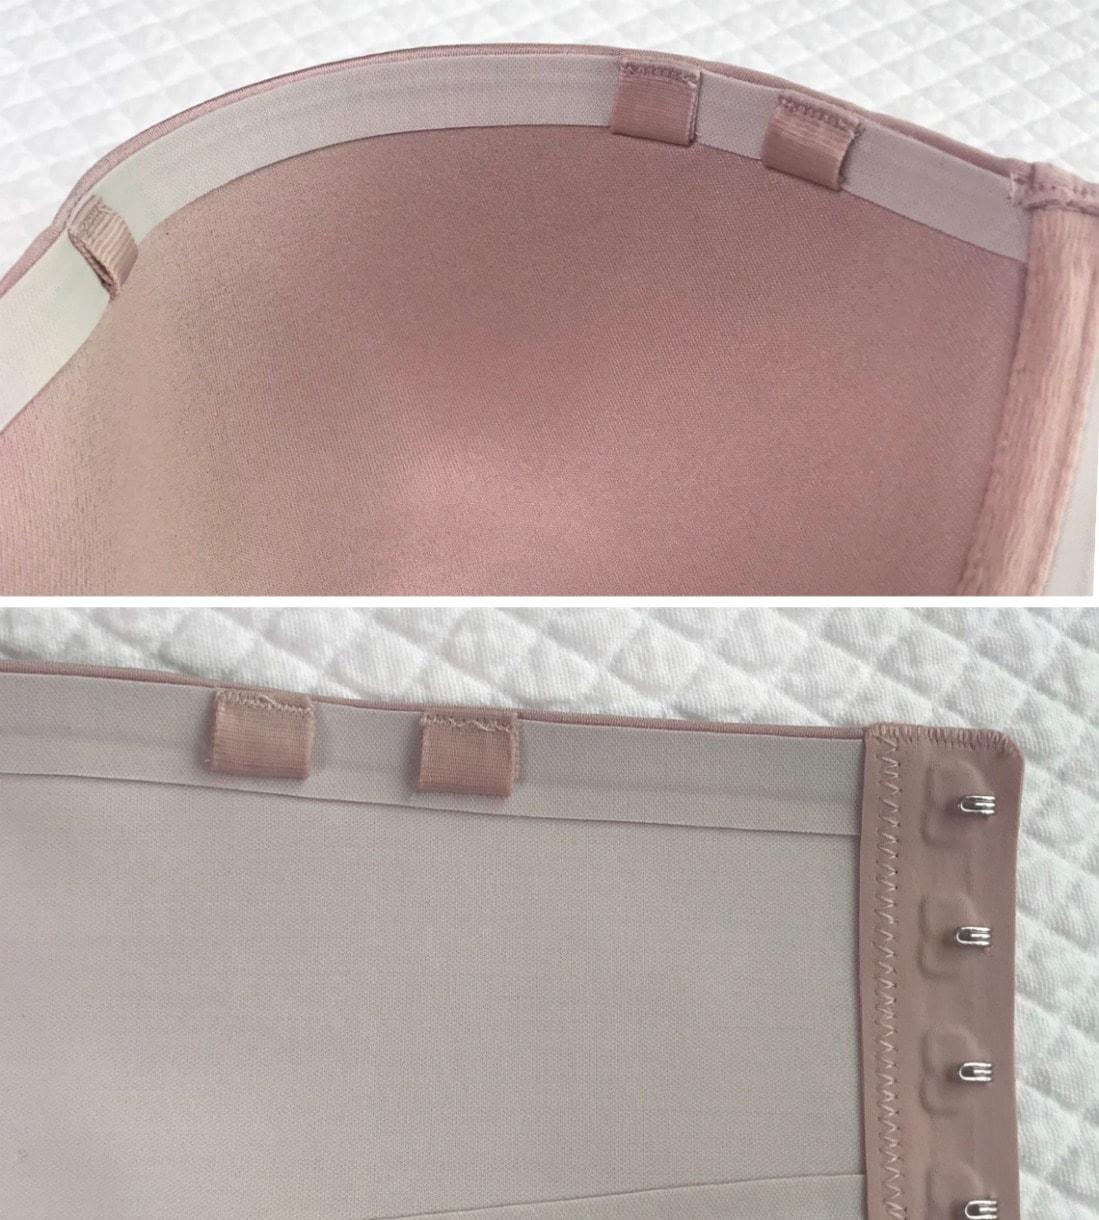 showing adjustable straps on bra